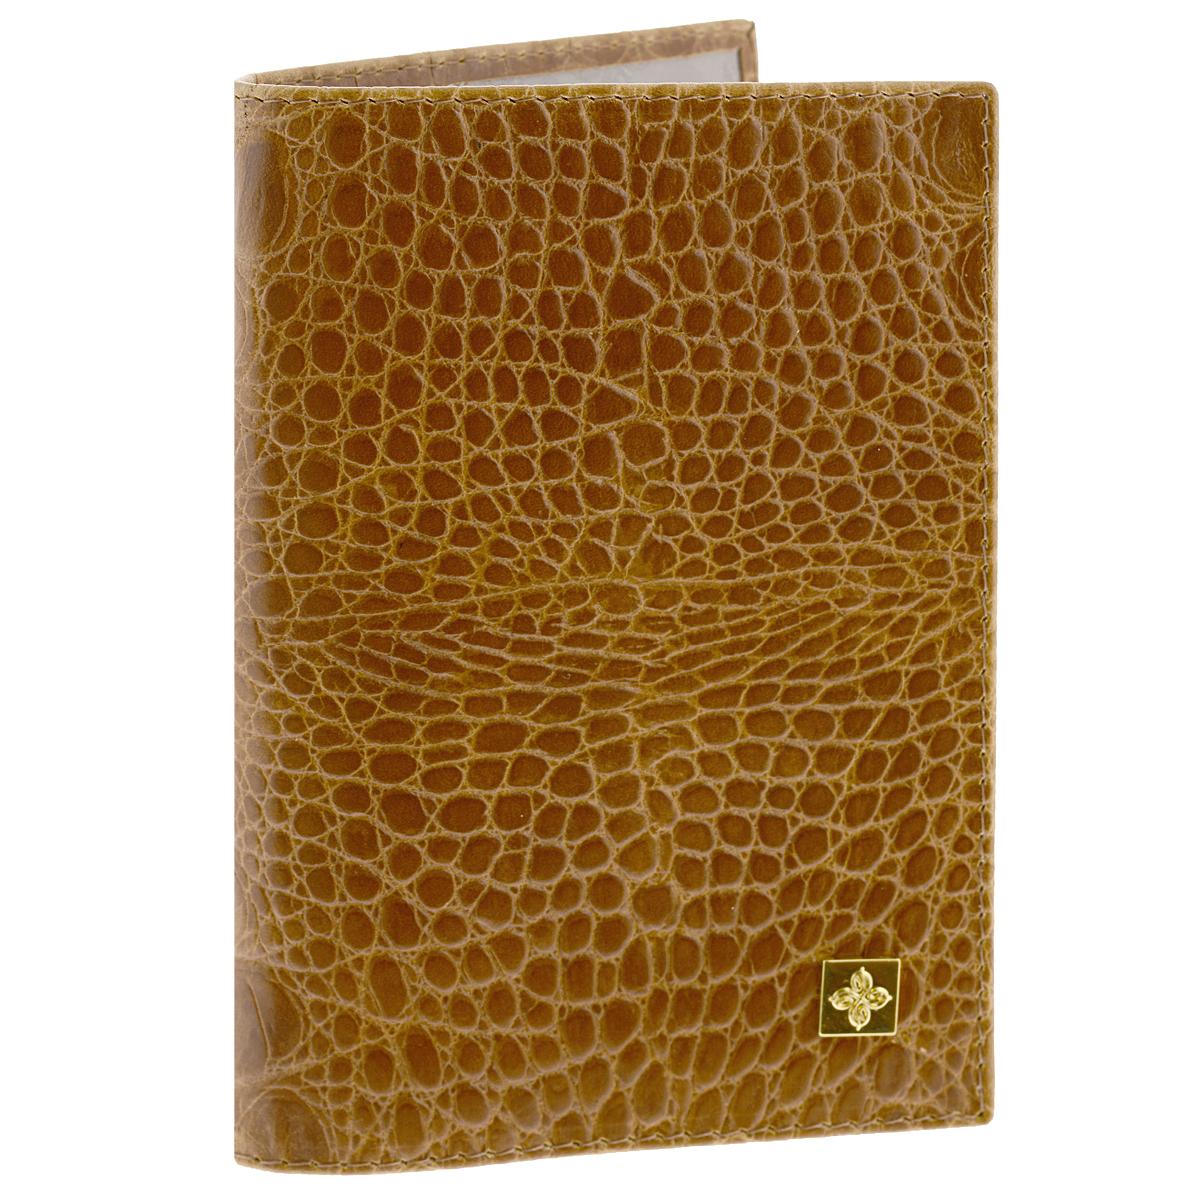 Обложка для паспорта Dimanche Nugget, цвет: горчичный. 900900Обложка для паспорта Nugget выполнена из натуральной кожи с декоративным тиснением под крокодила. На внутреннем развороте - два кармашка из прозрачного пластика. Обложка не только поможет сохранить внешний вид ваших документов и защитит их от повреждений, но и станет стильным аксессуаром, который подчеркнет ваш неповторимый стиль. Обложка упакована в коробку из плотного картона с логотипом фирмы.